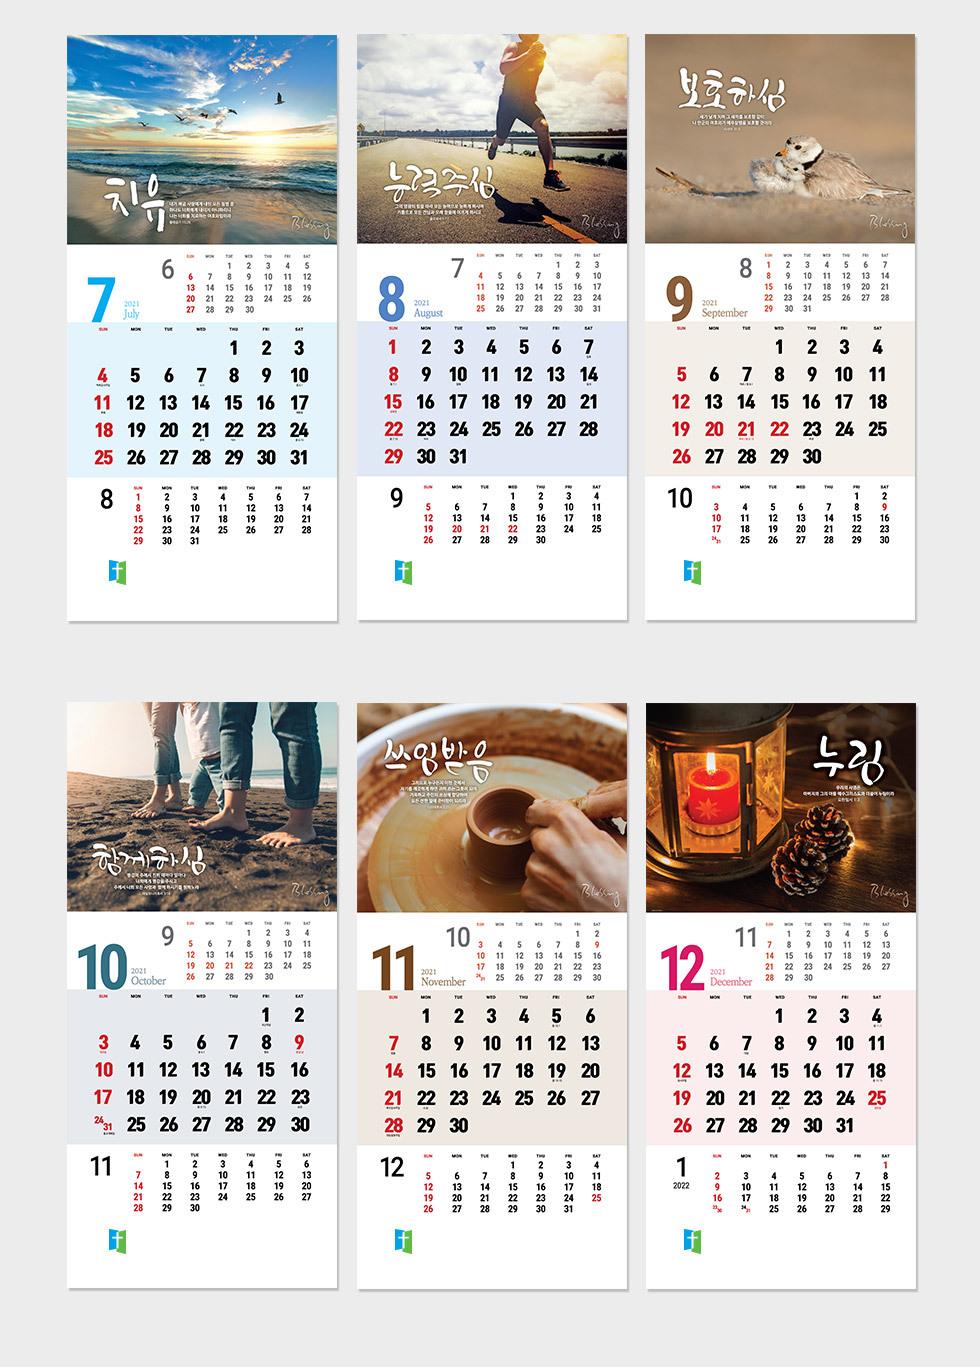 2021년 벽걸이달력 축복 Blessing - 구성1)3단합동구성 전체디자인 7월부터 12월까지